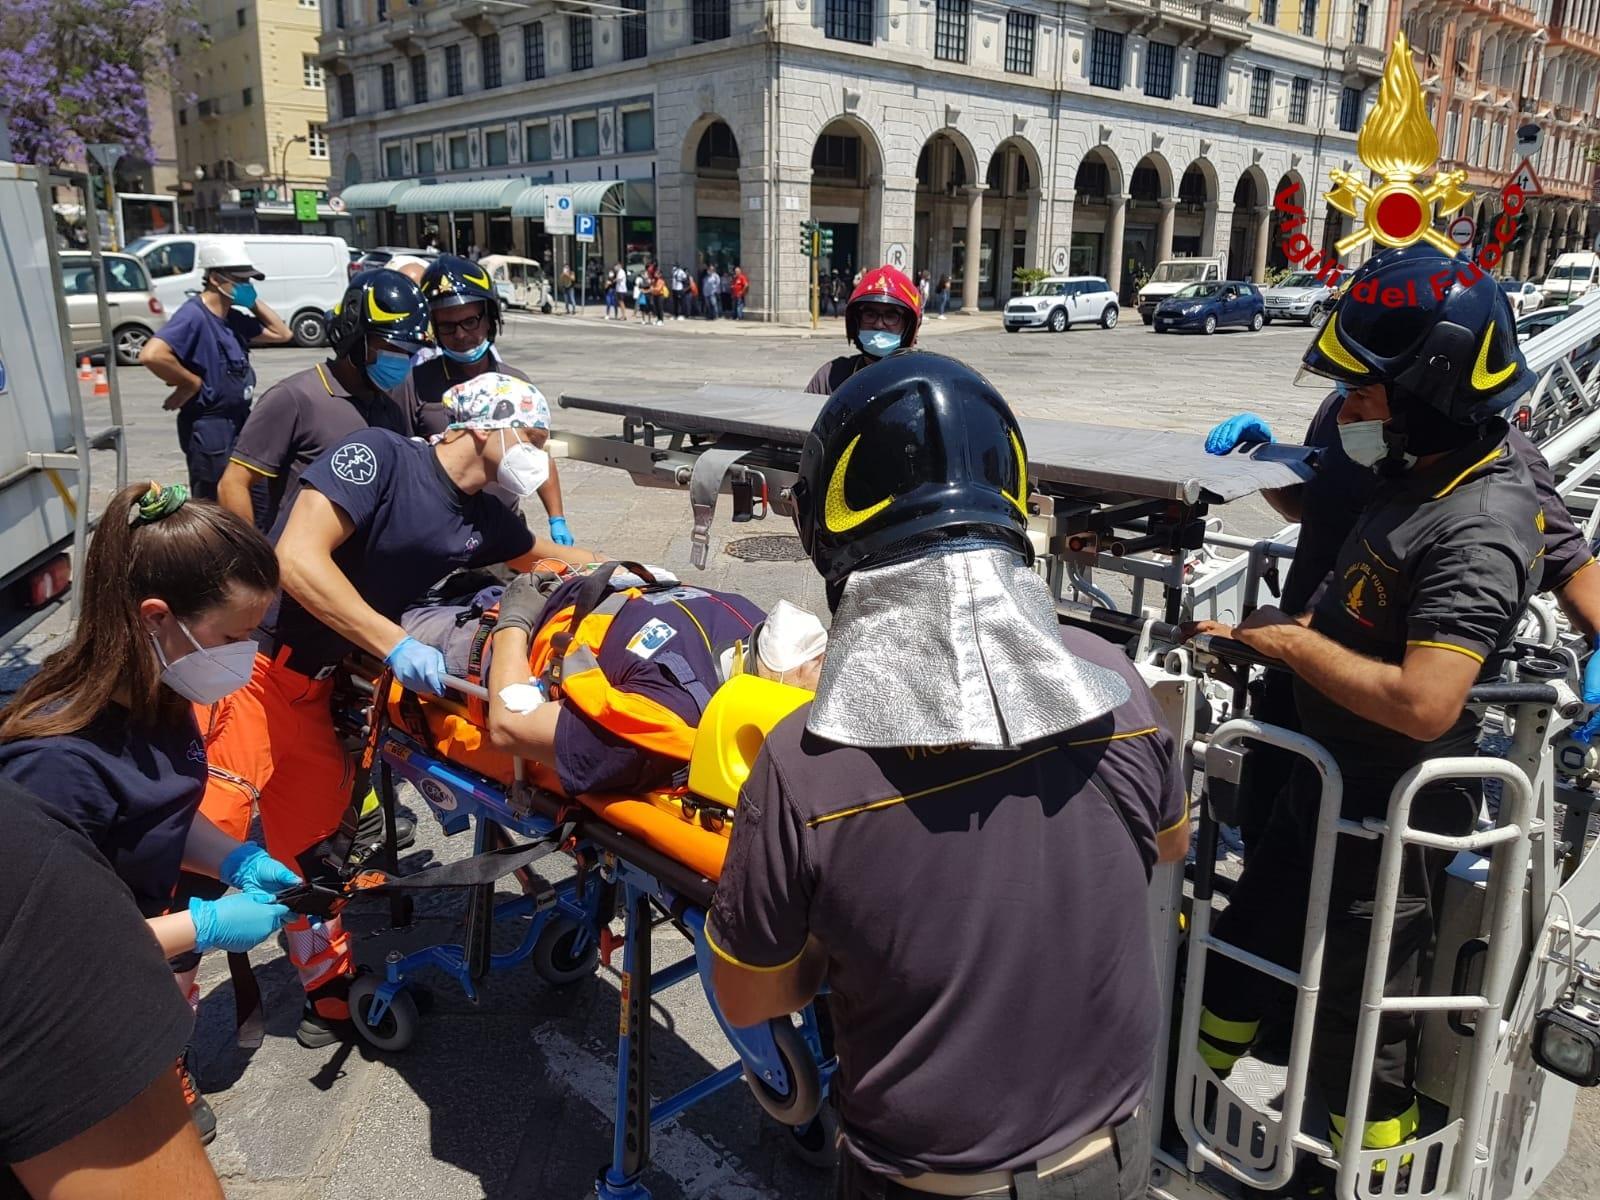 incidente-operaio-piazza-matteotti-cagliari (1)